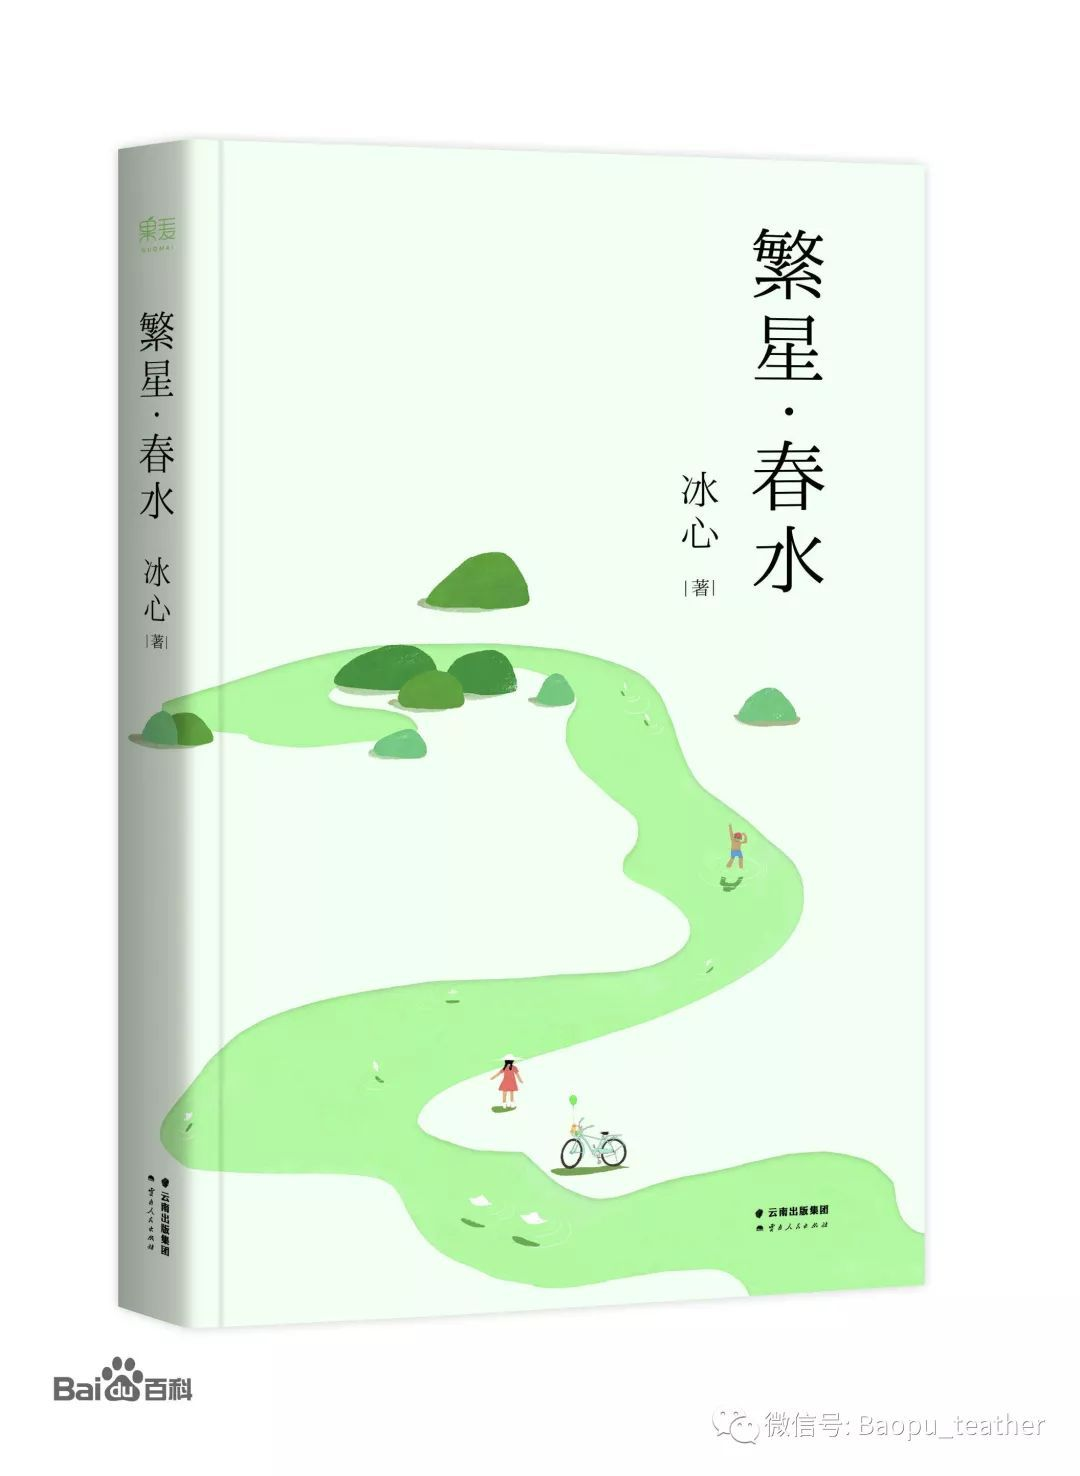 冰心诗集《繁星》(136-140)